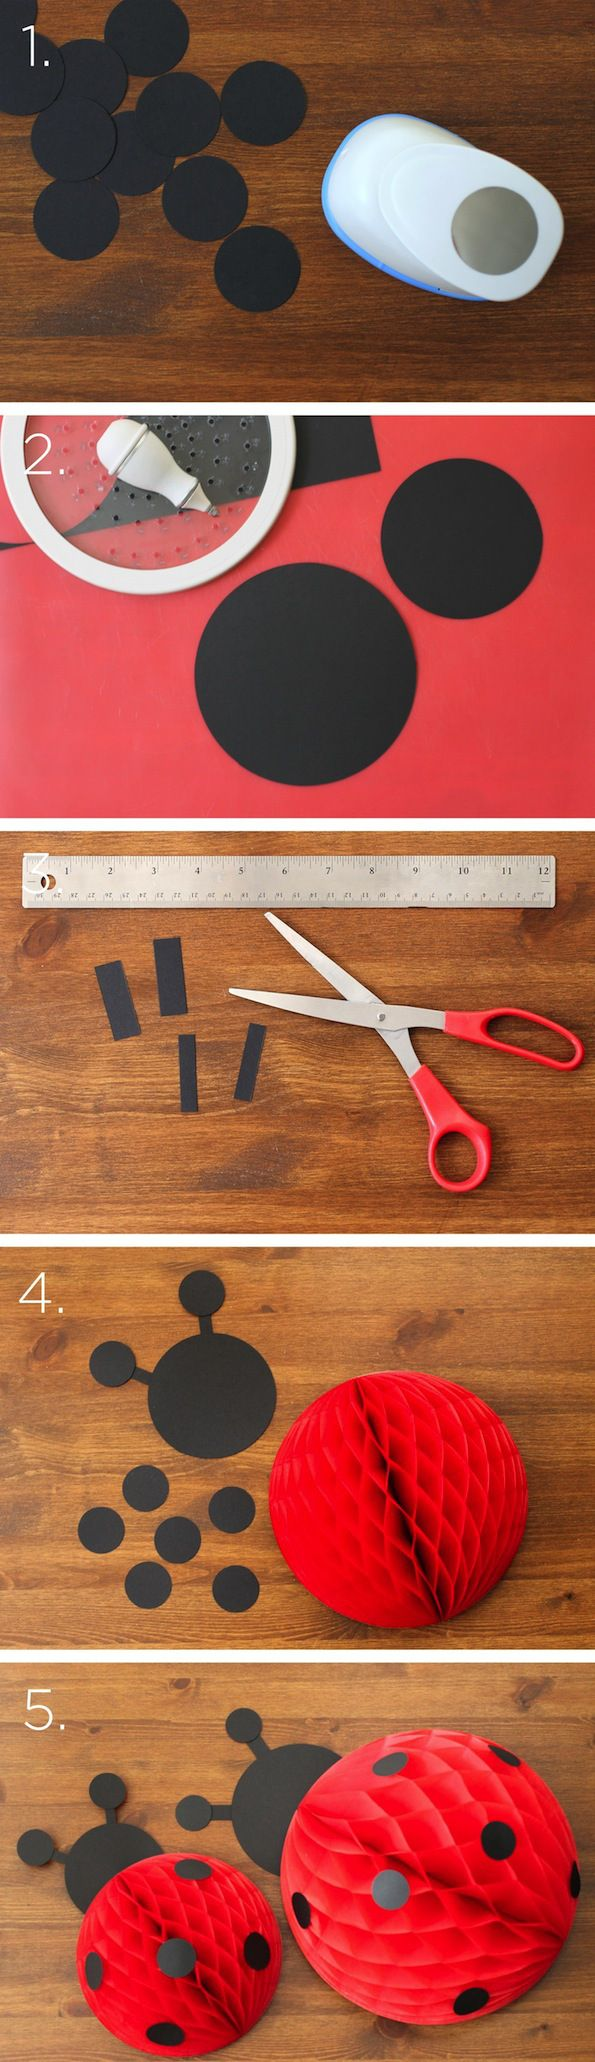 Ladybug Bedroom 17 Best Ideas About Ladybug Nursery On Pinterest Ladybug Room